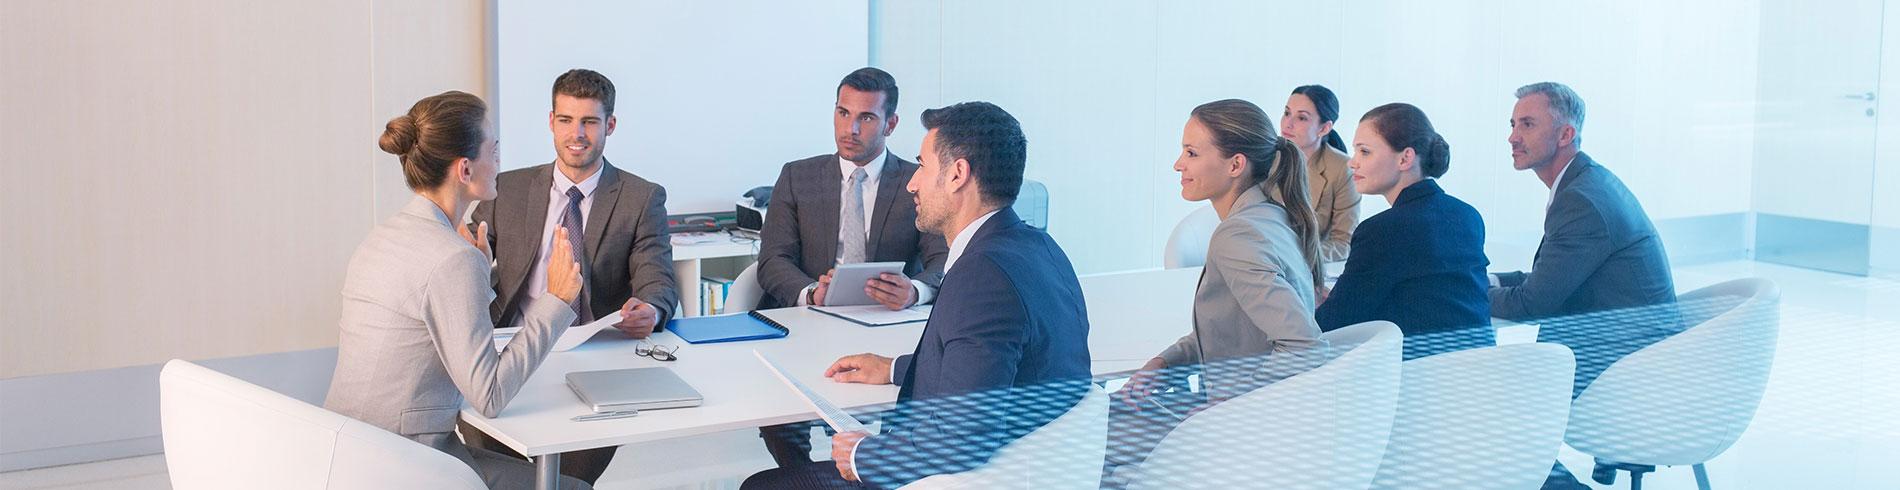 Imatge de reunió corporativa